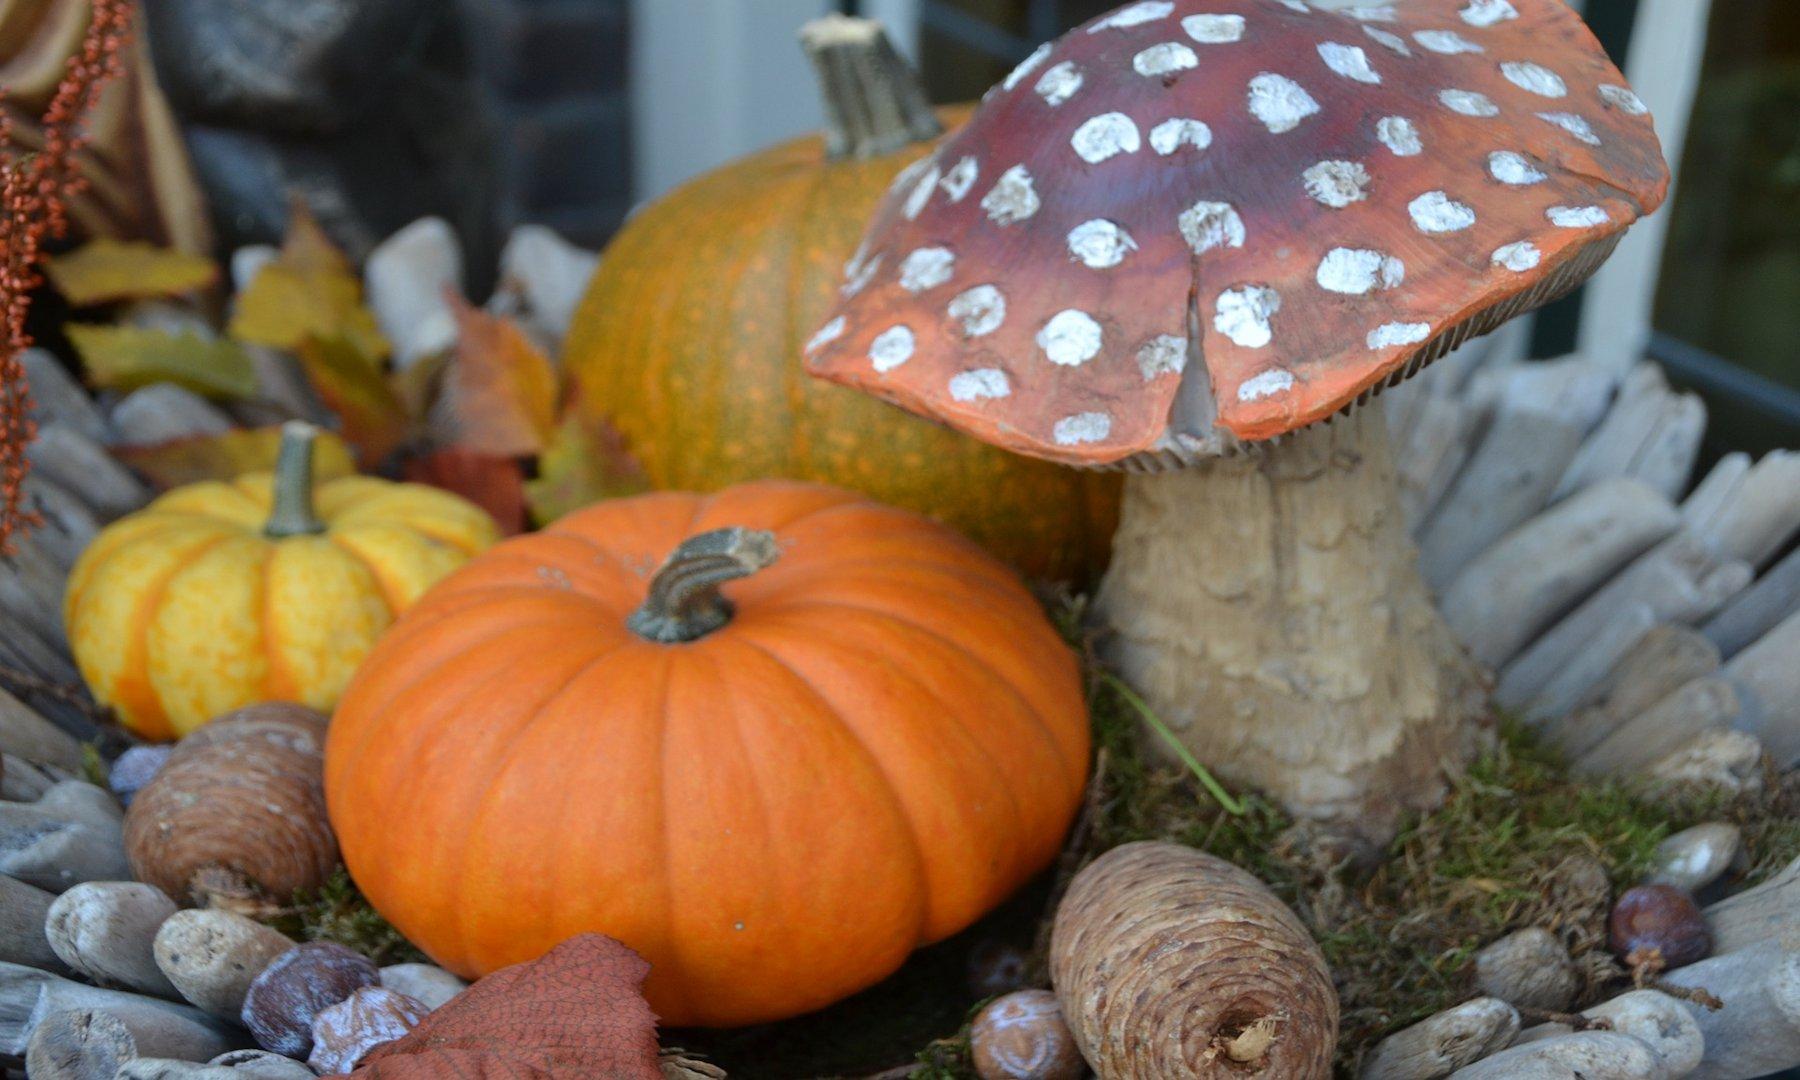 Autunno in tavola con funghi e zucca